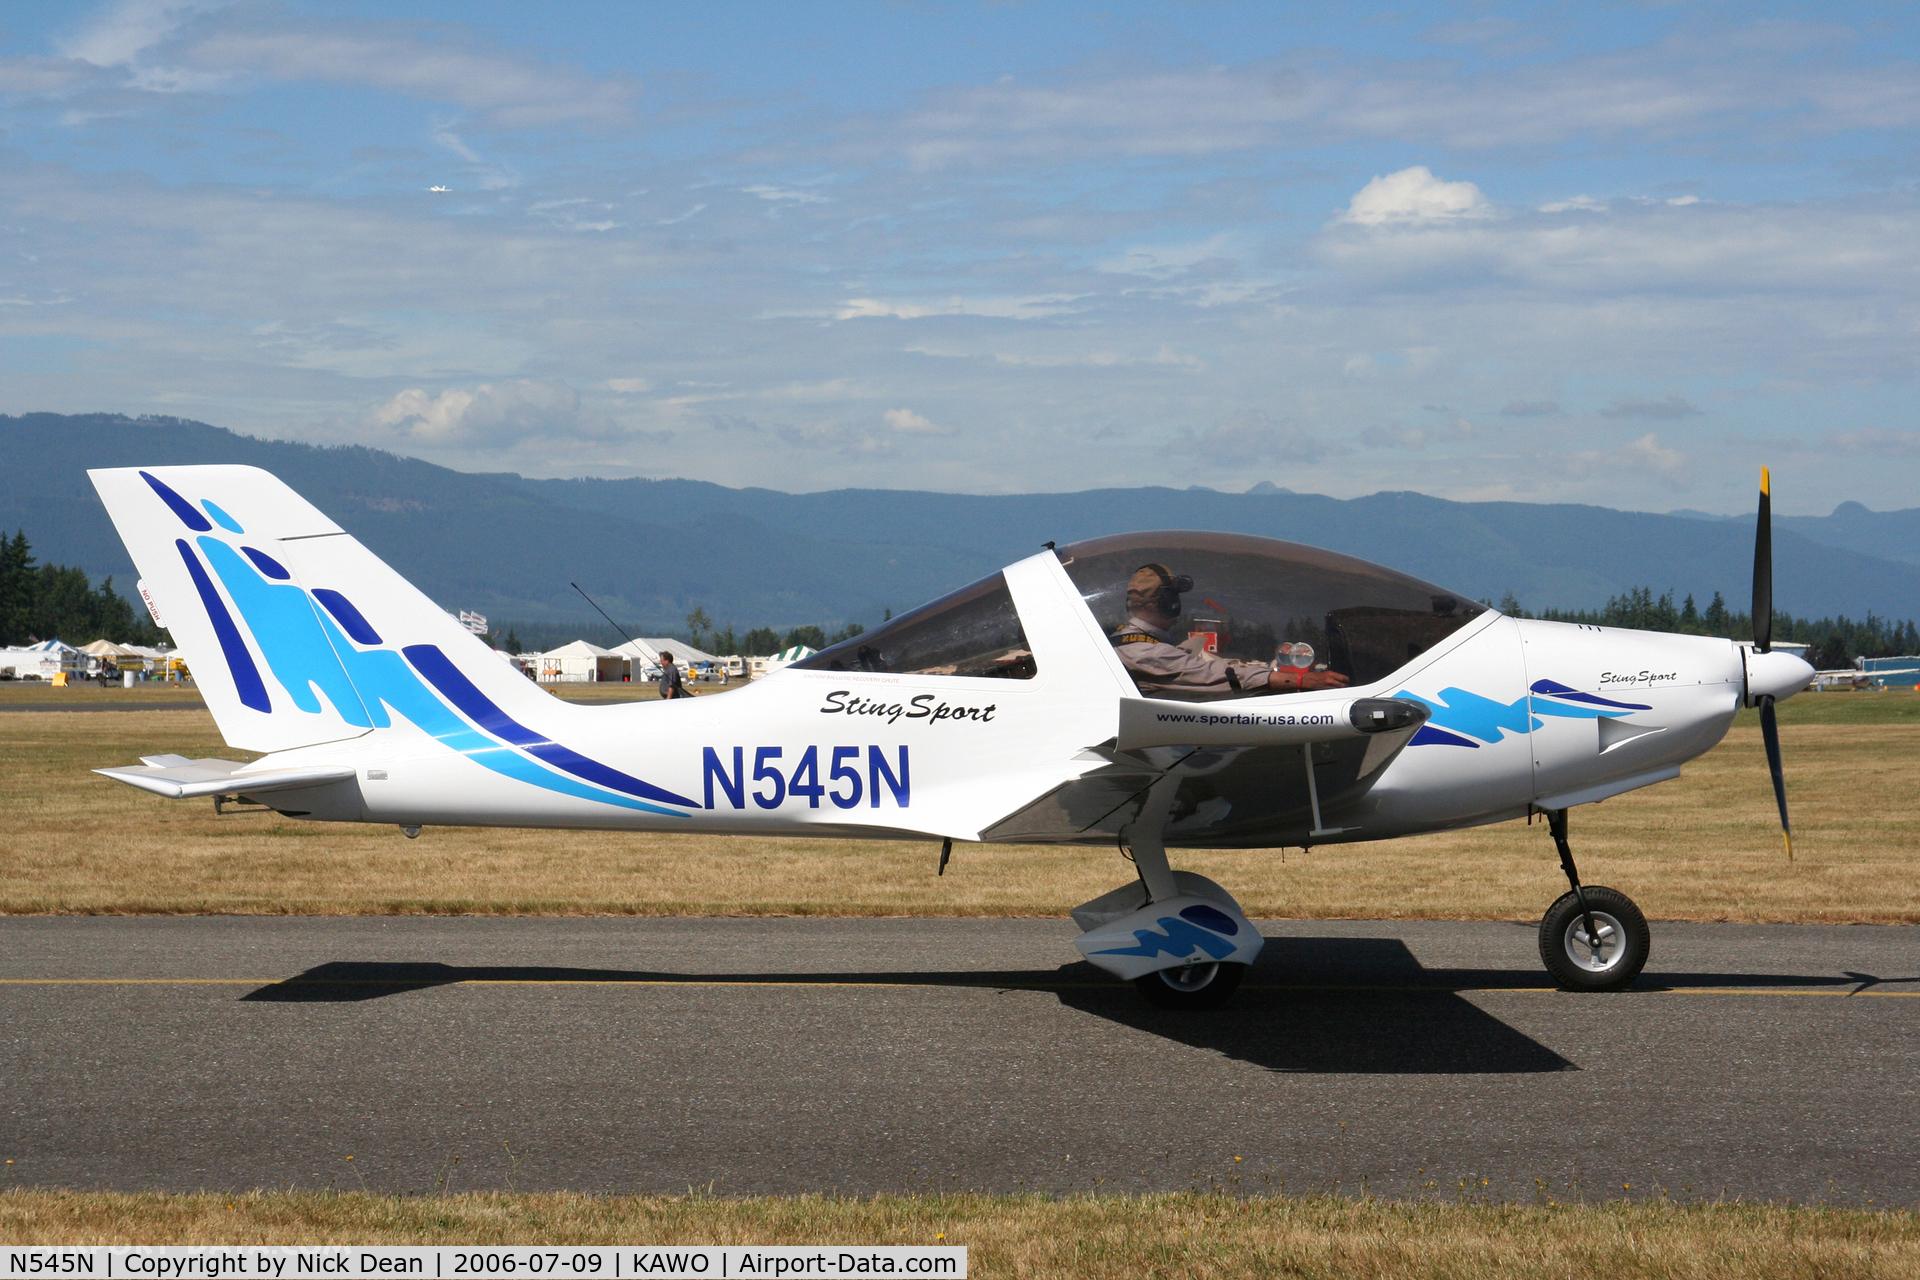 N545N, 2005 TL Ultralight TL-2000 Sting Sport C/N TLUSA123, KAWO